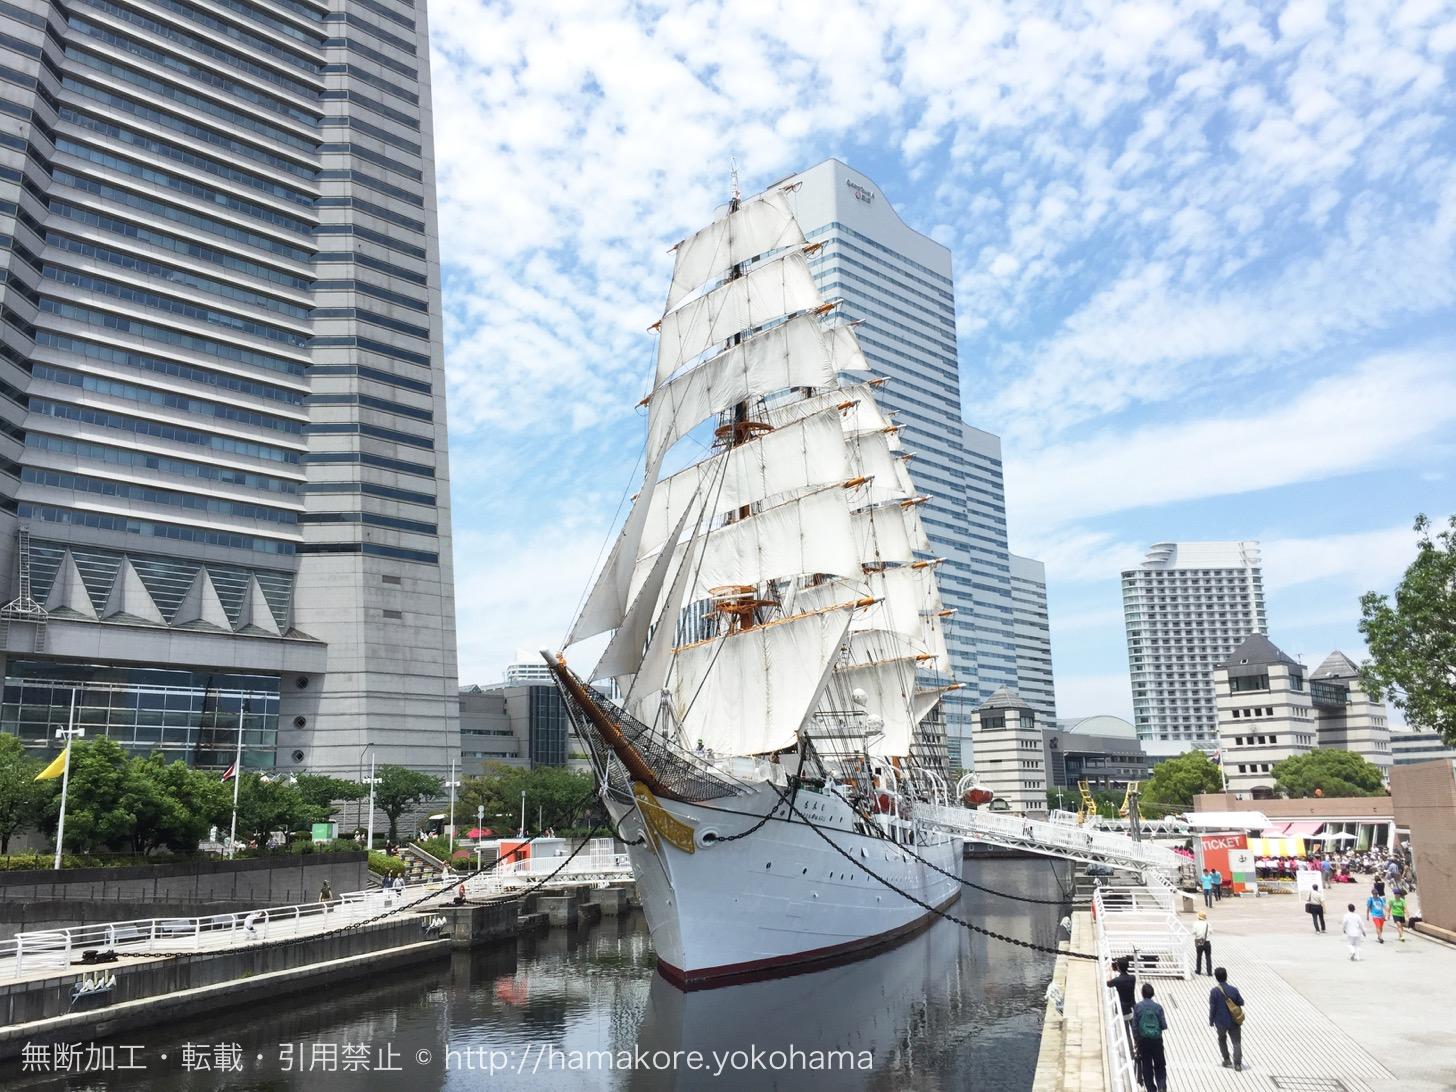 帆船日本丸「総帆展帆」を10月8日に開催!2018年ラスト